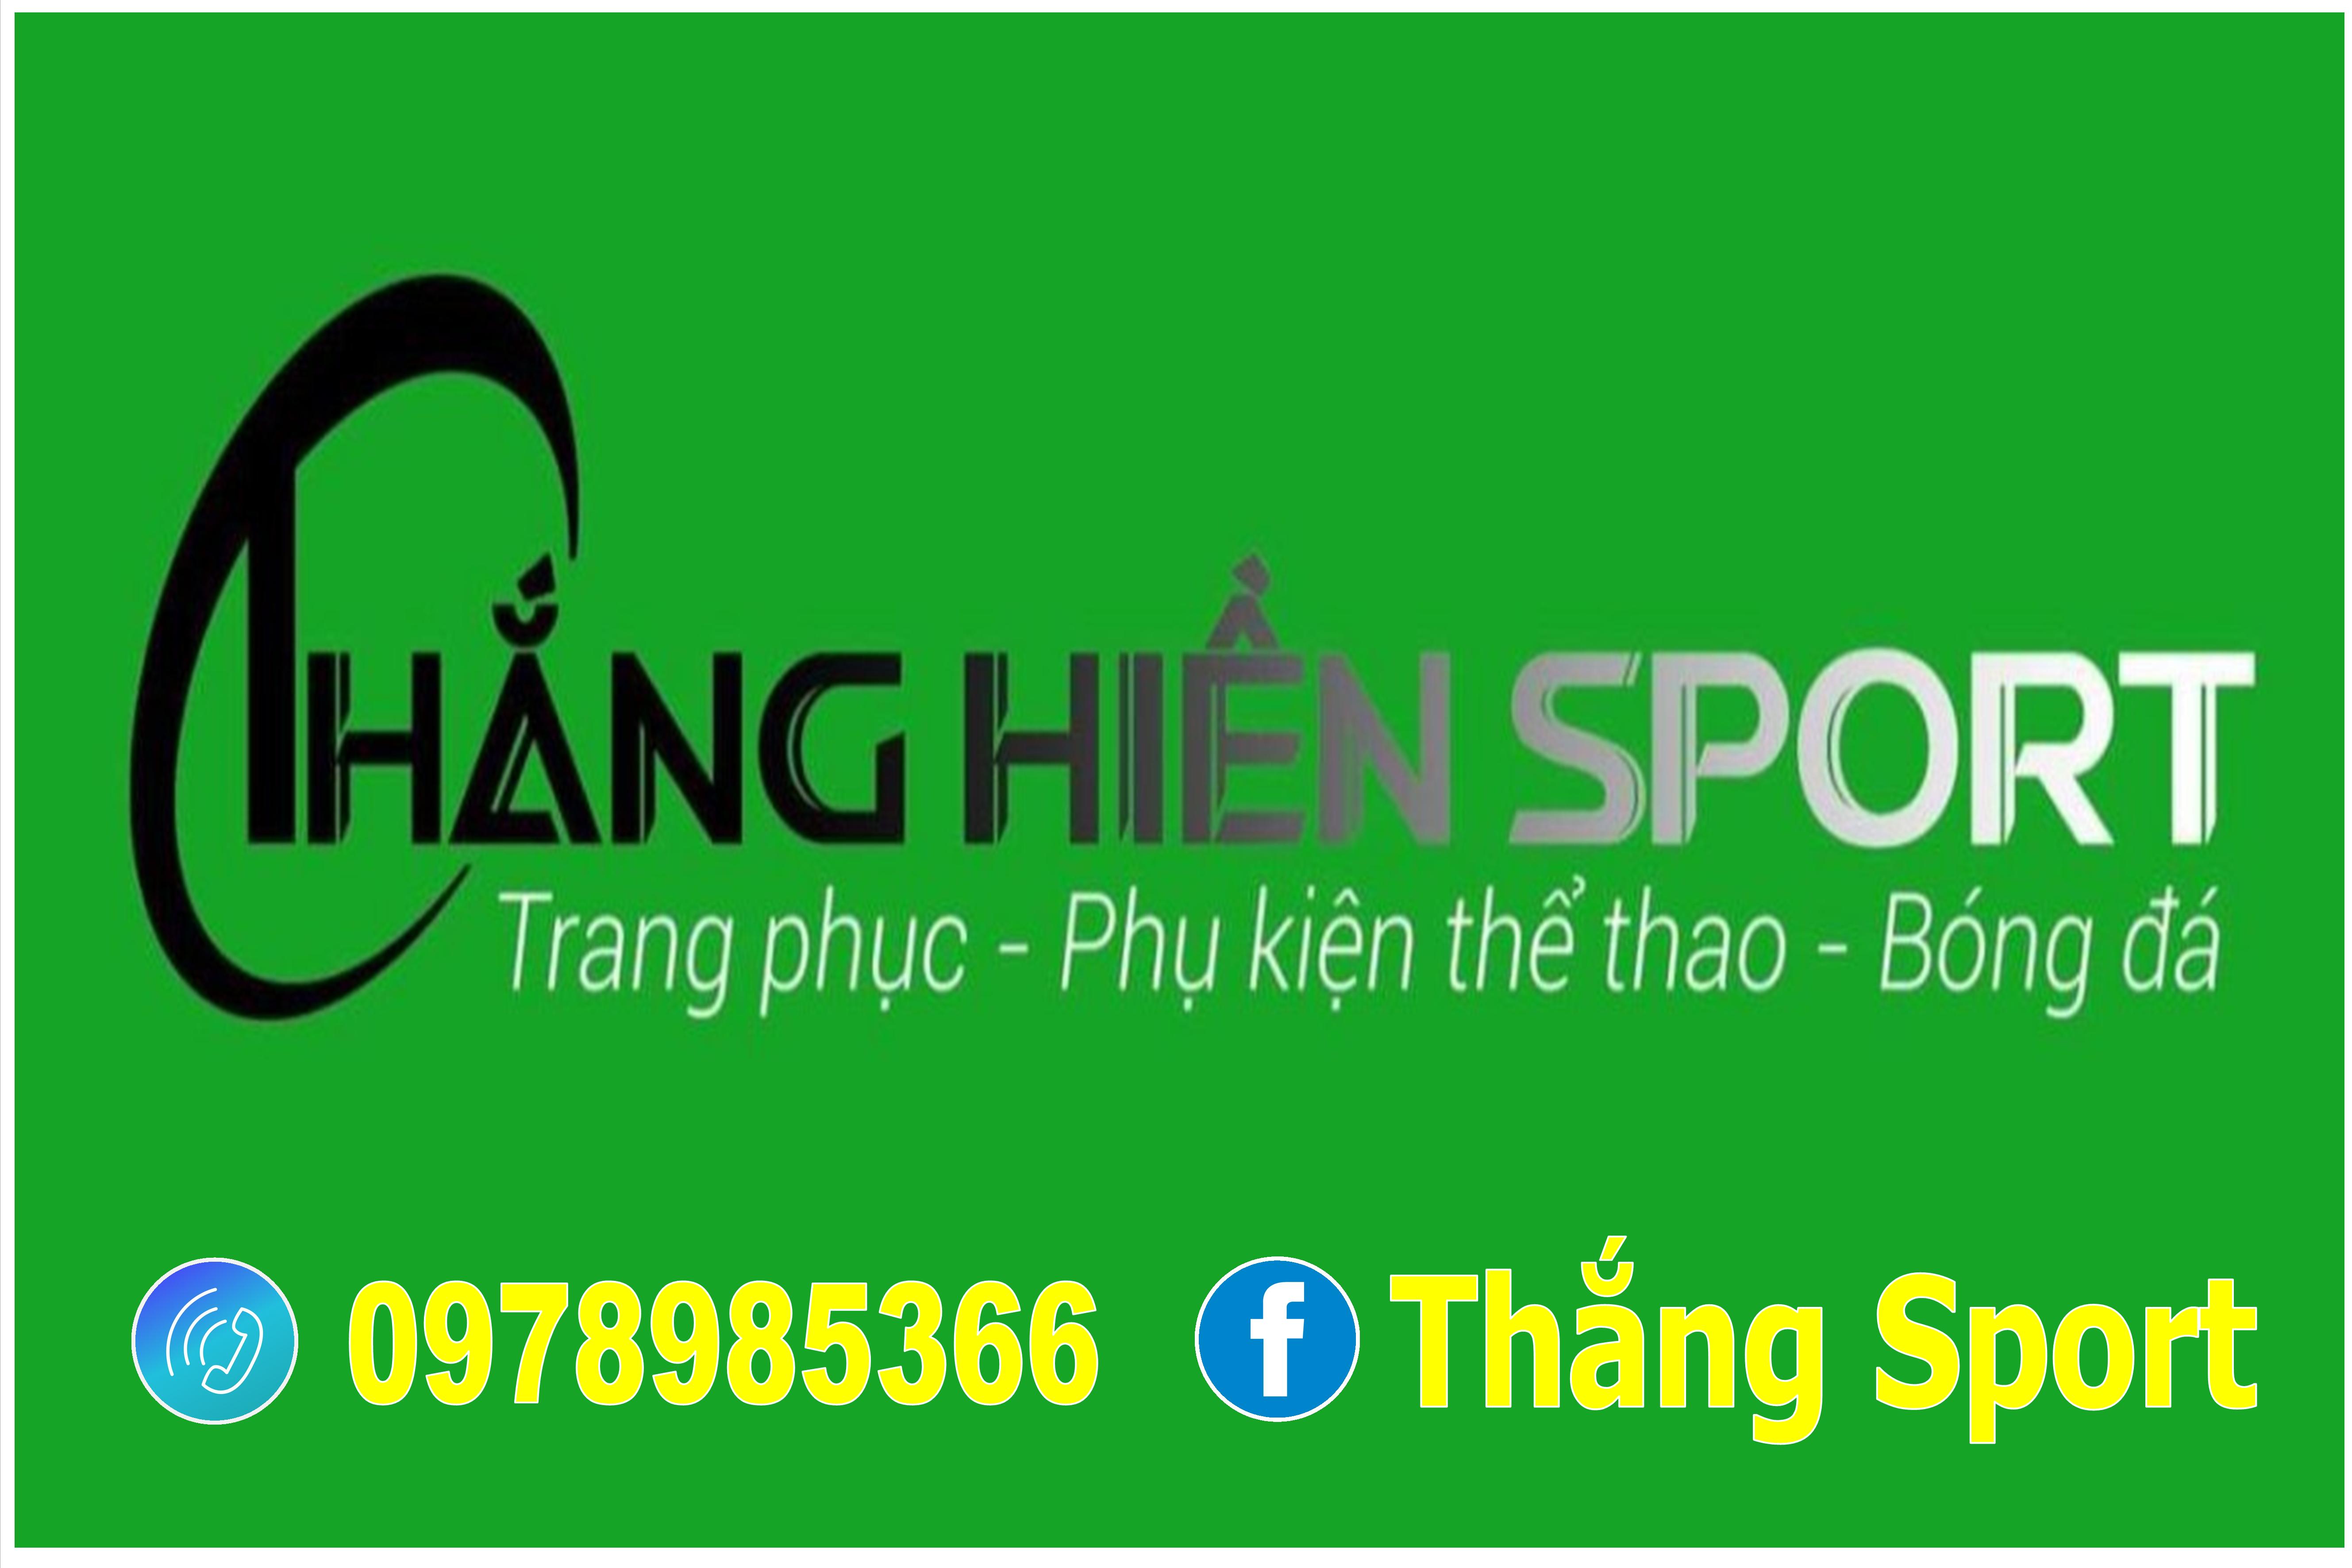 Shop Trang phục - Phụ Kiện thể thao - Bóng đá Thắng Hiền Sport